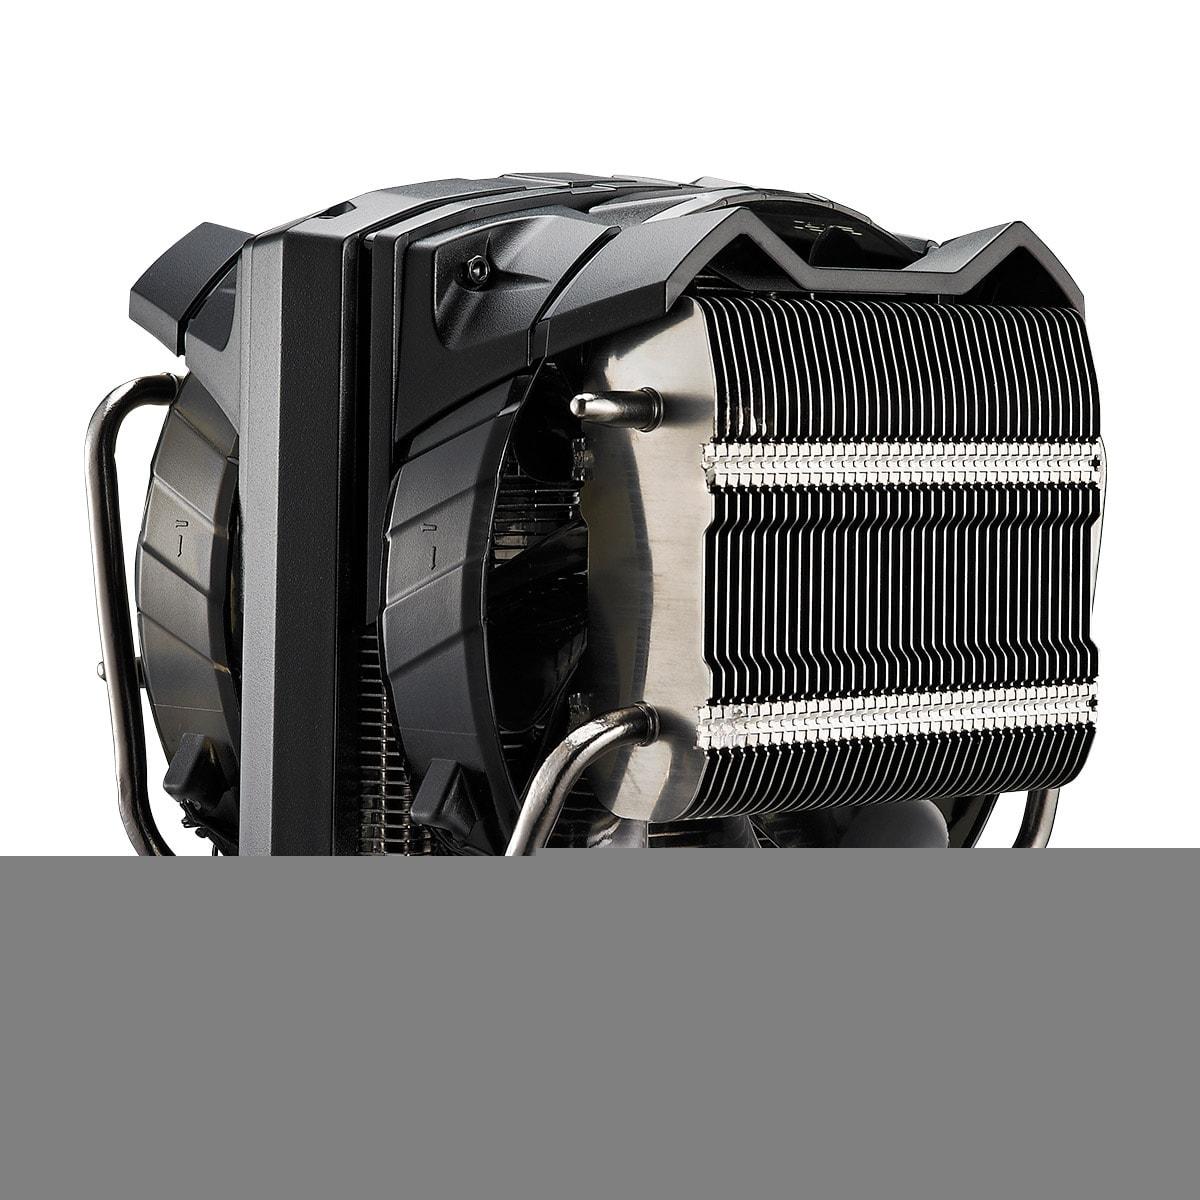 Cooler Master V8 Ver.2 (RR-V8VC-16PR-R2) - Achat / Vente Ventilateur CPU sur Cybertek.fr - 2